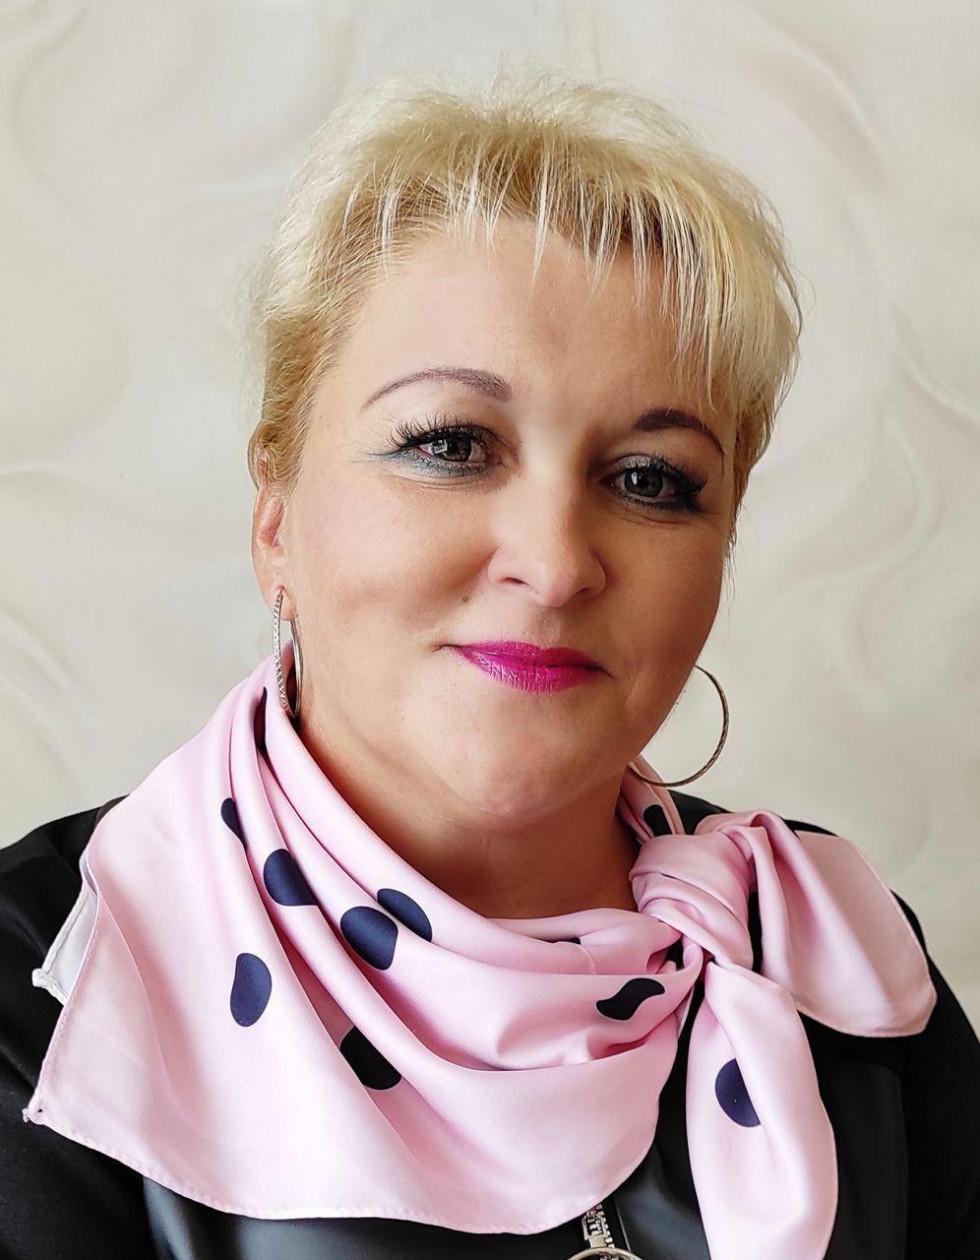 «Зневагу до робітничої професії вважаю неприпустимою, і це треба змінювати»,– Людмила Панасюк